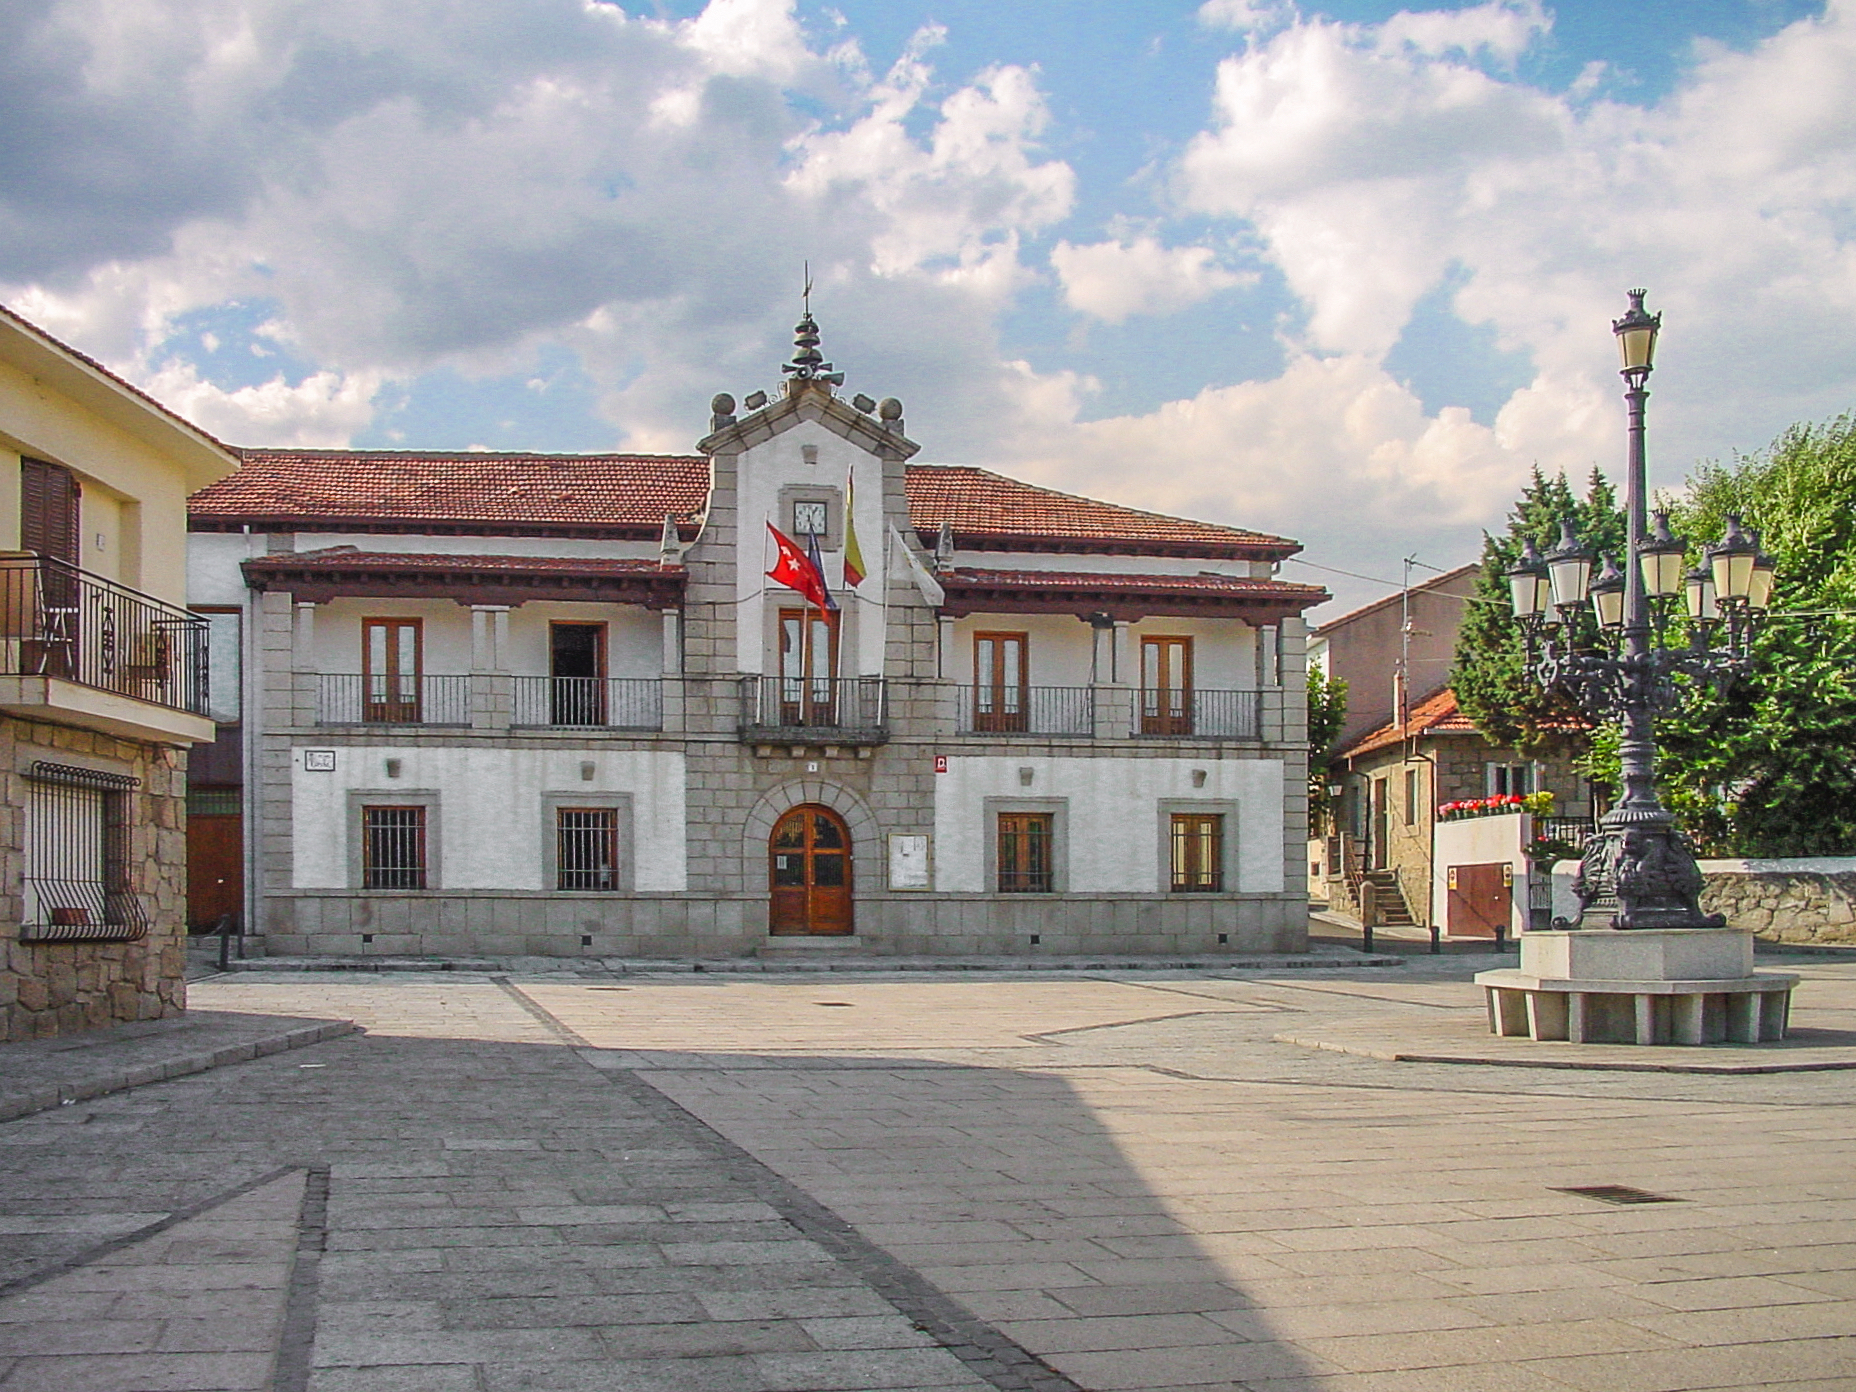 Fitxer ayuntamiento de los molinos for Ayuntamiento de villel de mesa